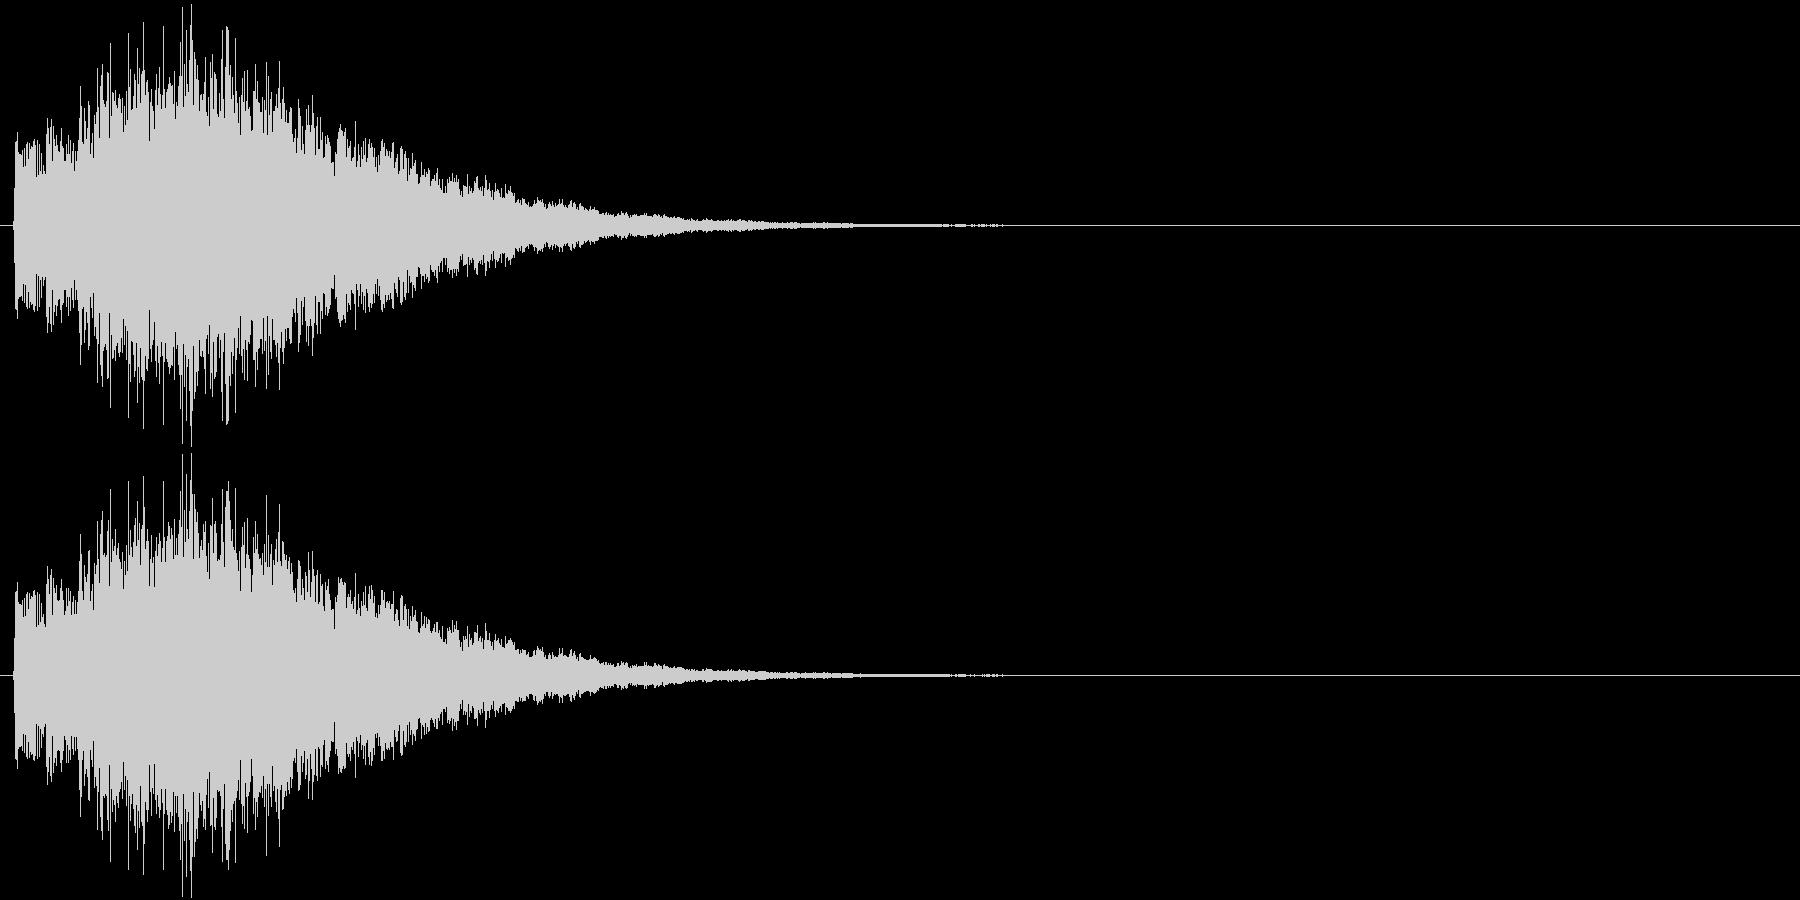 キラキラキラ…(ミステリアス、決定音)の未再生の波形